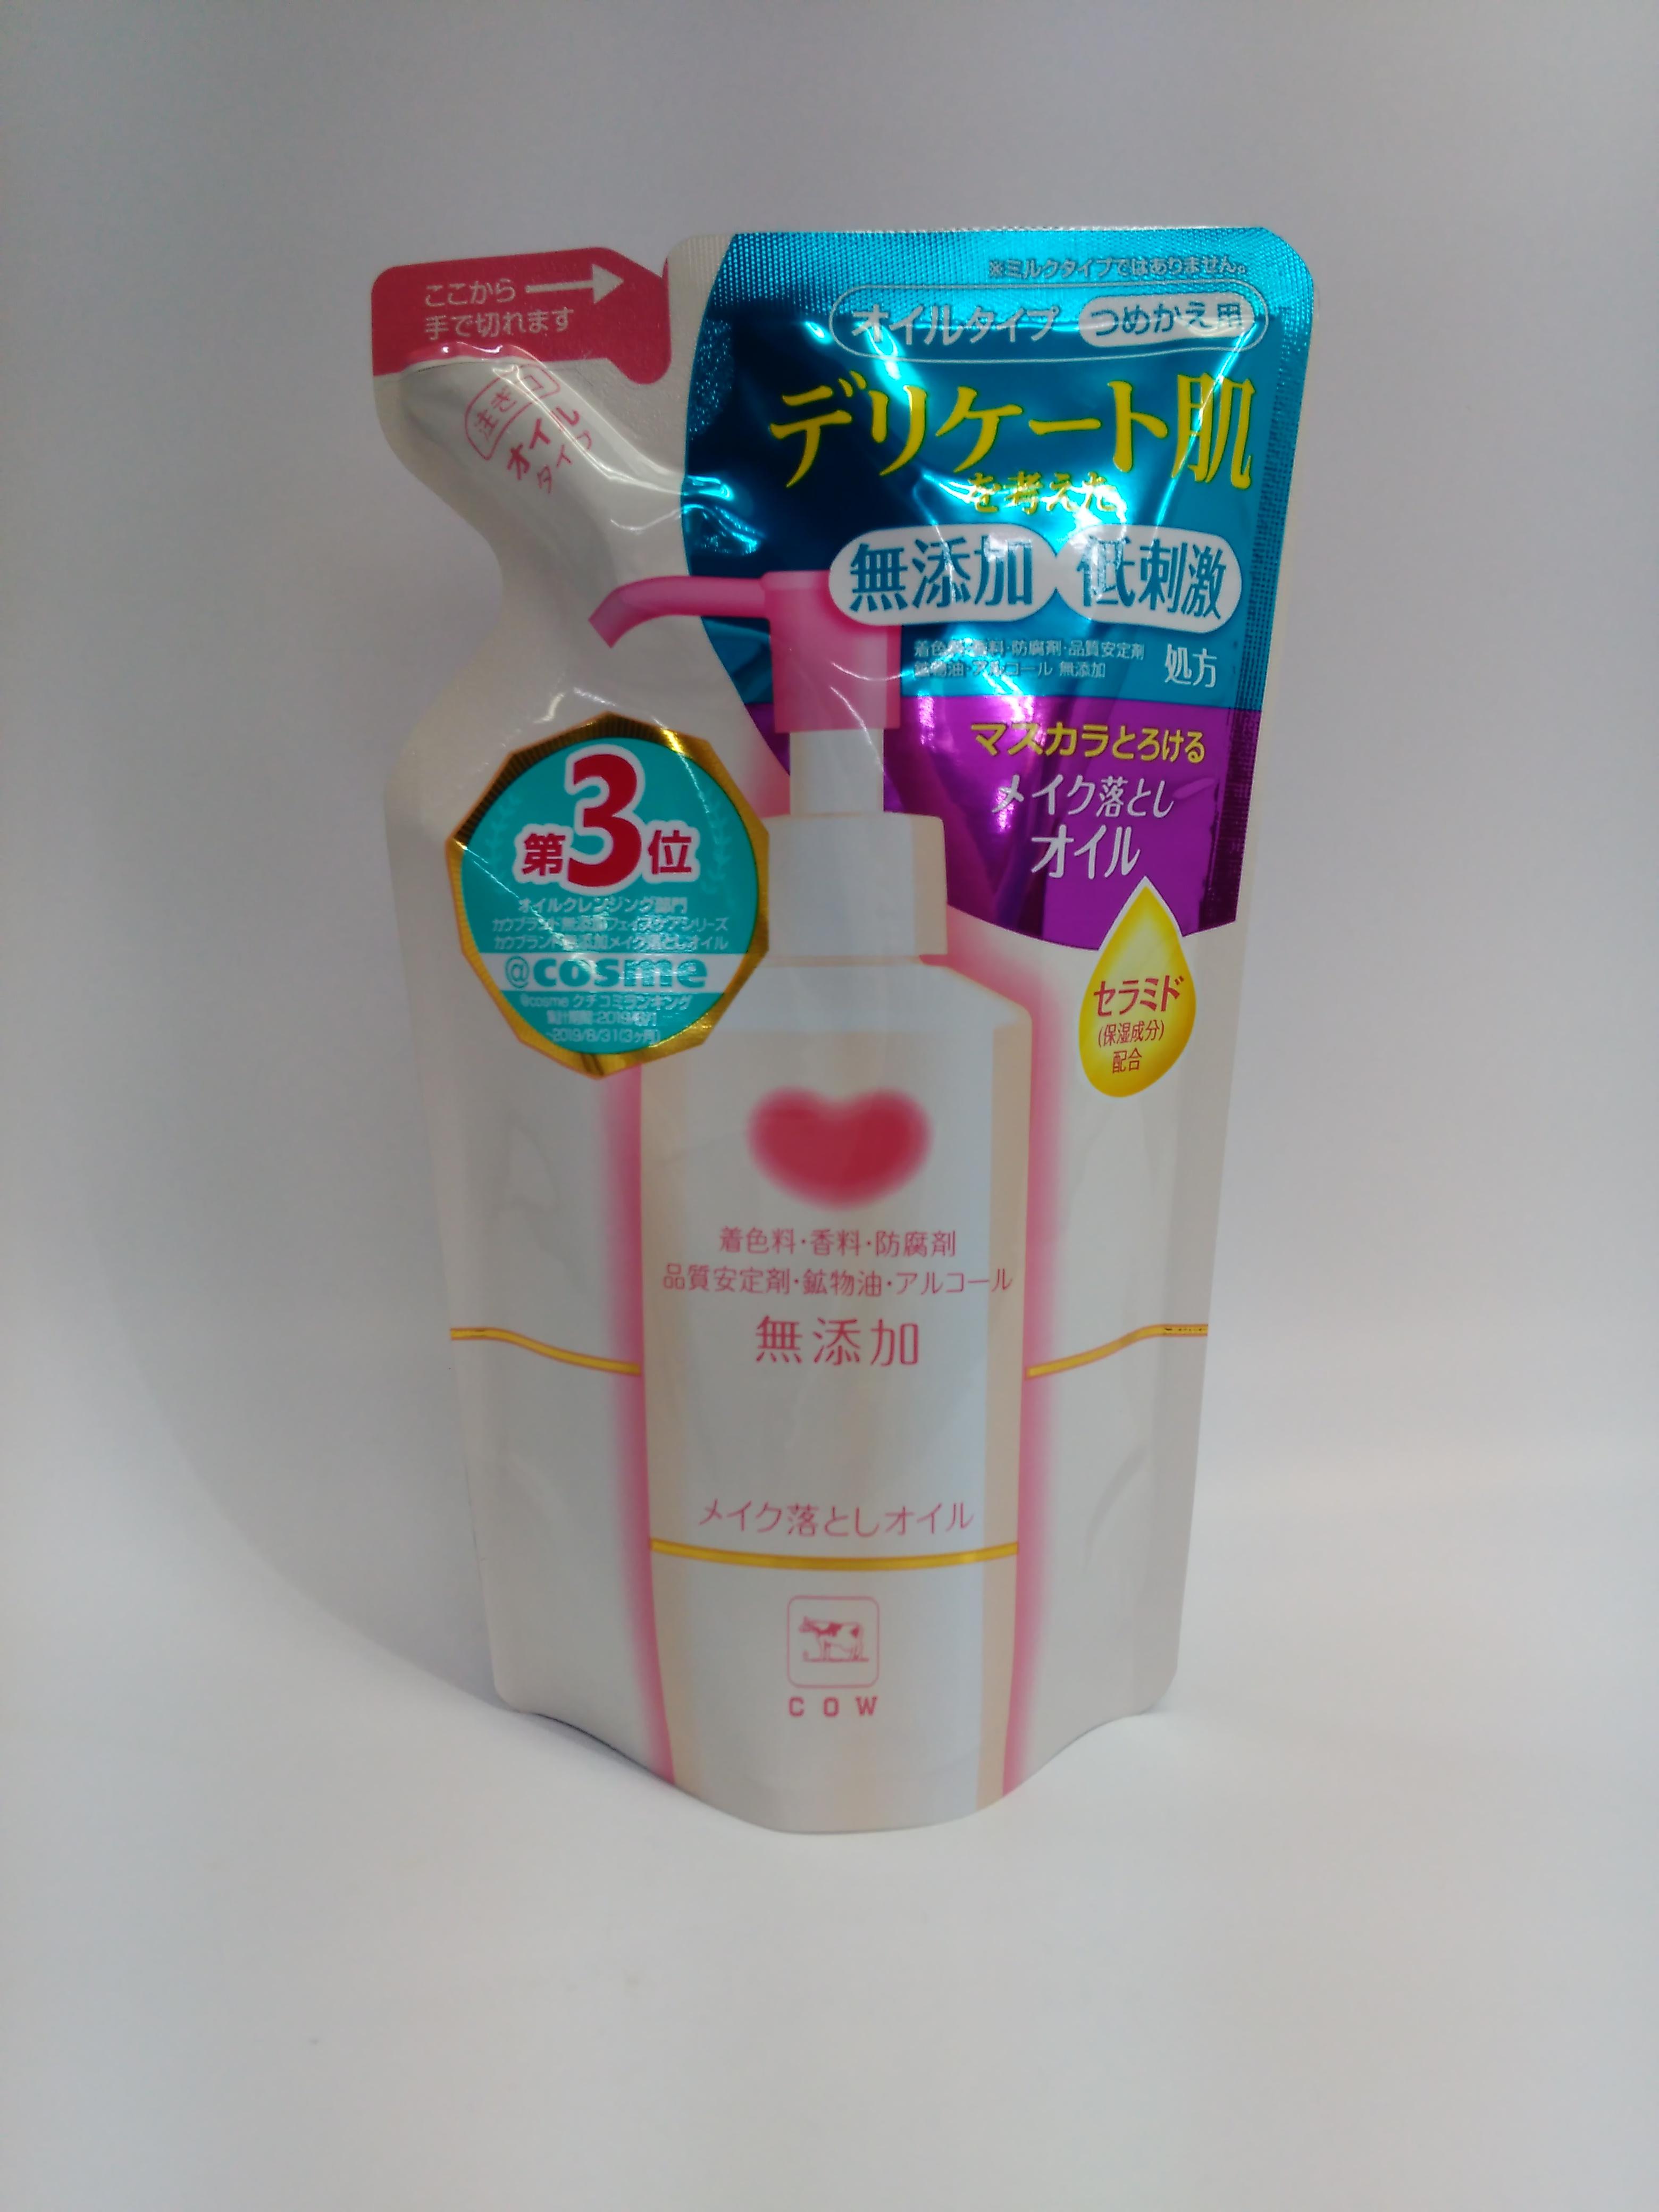 牛乳石鹸 カウブランド  無添加メイク落としオイル 詰替用   130ml